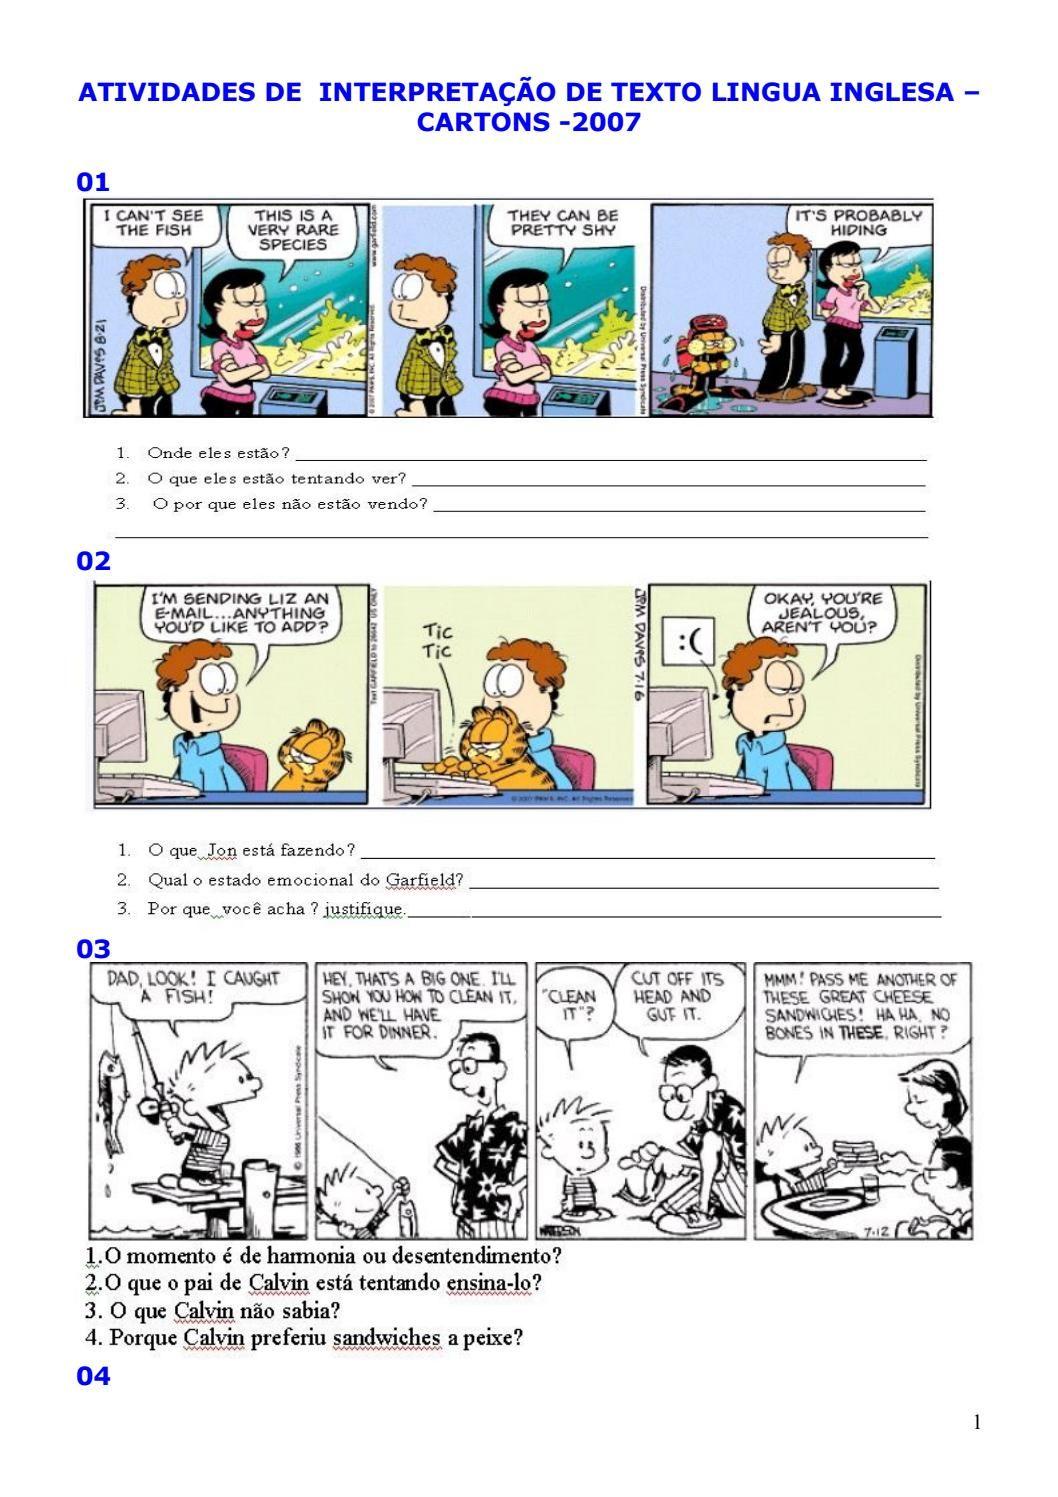 2074797 Interpretacao De Texto Ingles Cartuns2007 Interpretacao